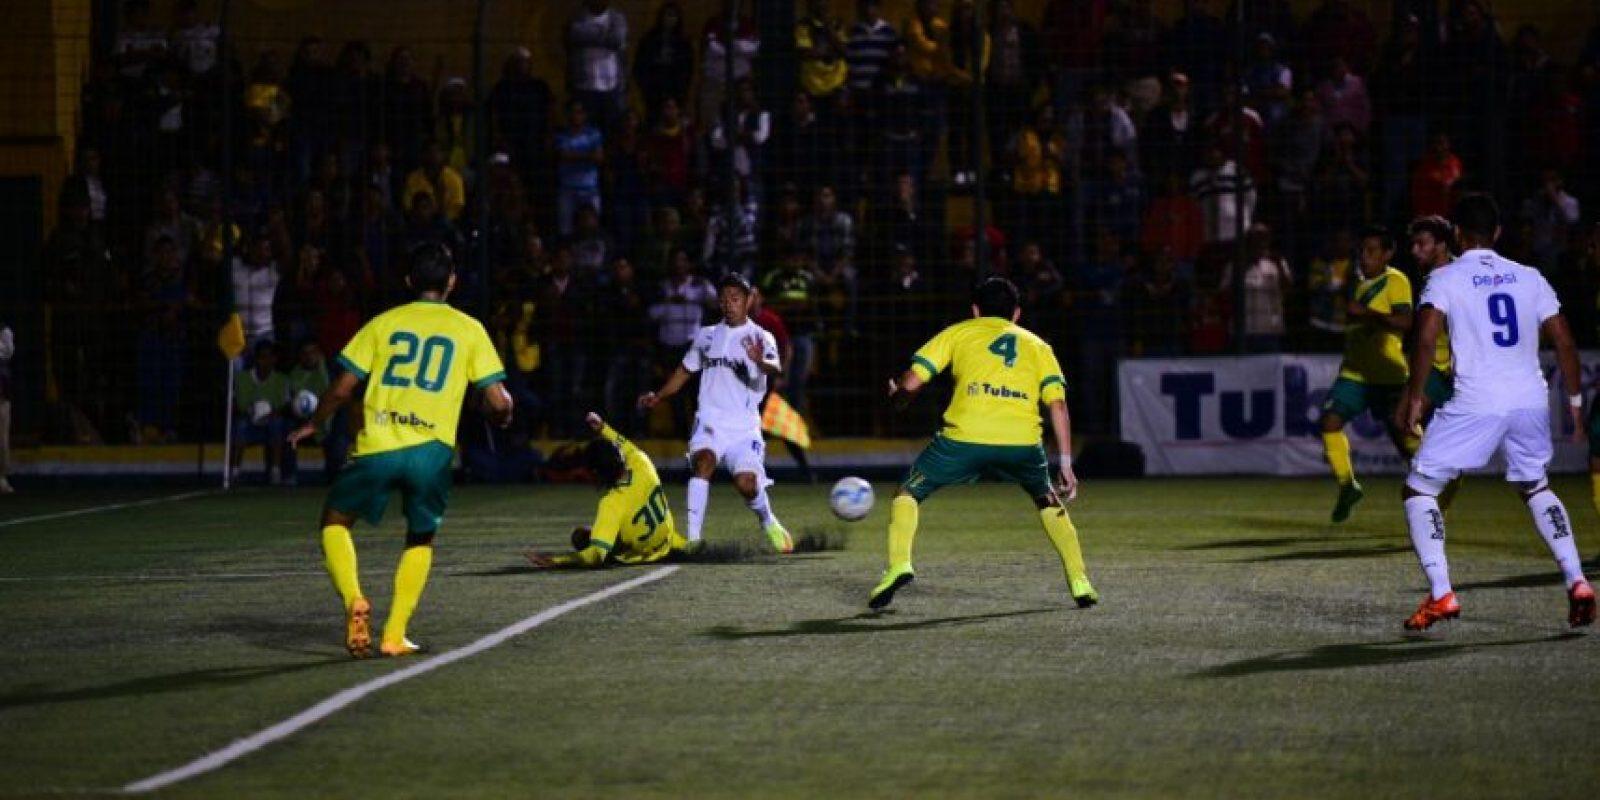 El 0-0 prevaleció entre los petapenses y los blancos luego del partido de ida de la serie. Foto:Oliver de Ros